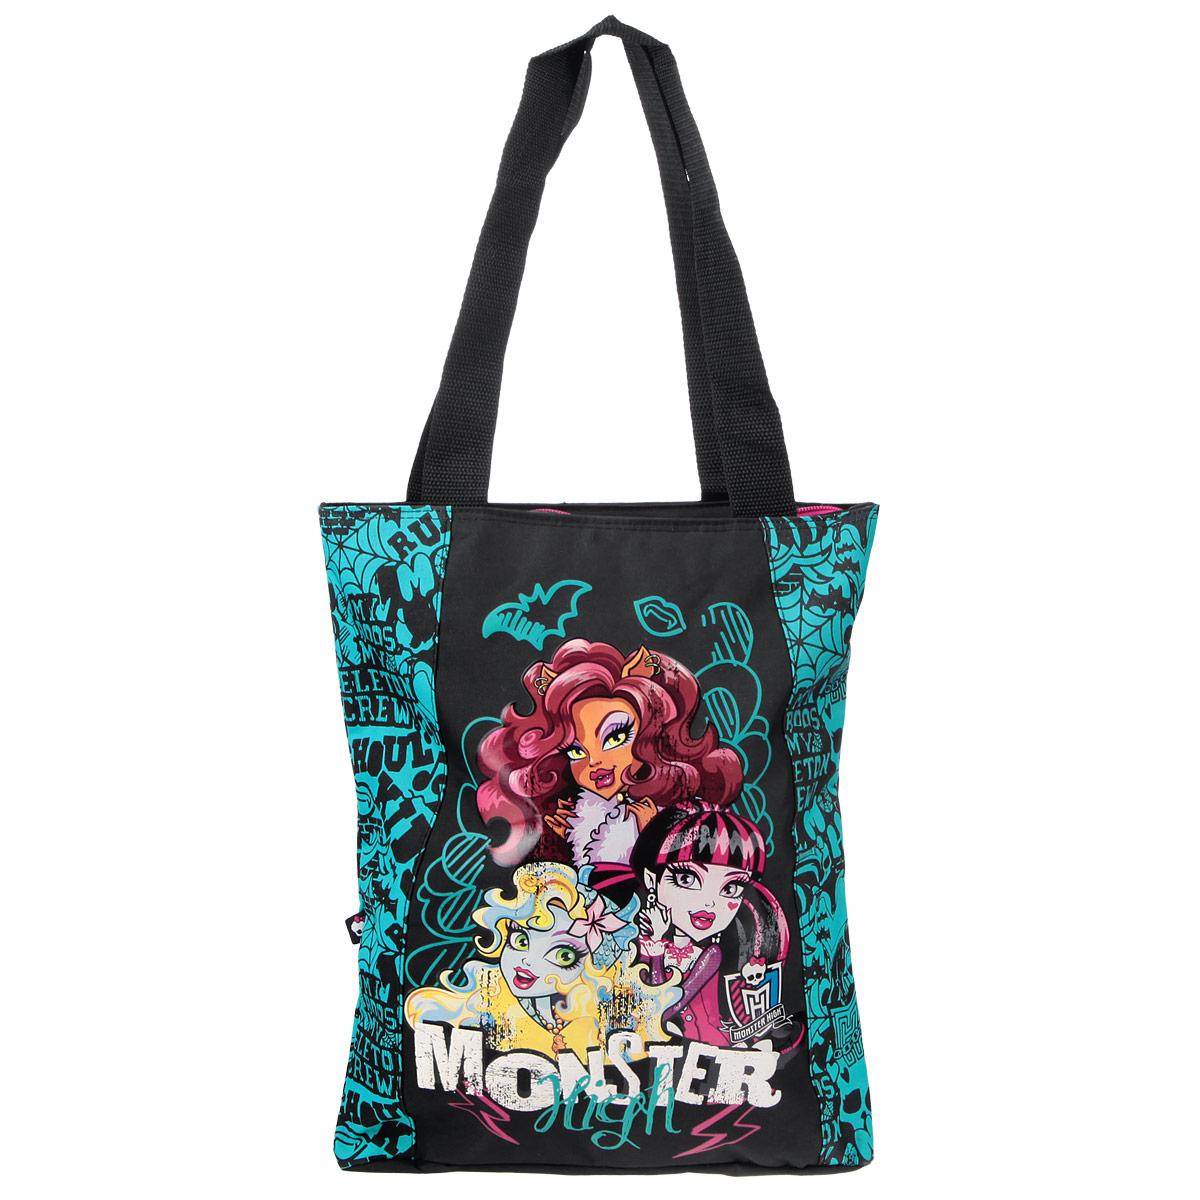 Сумка детская Monster High, цвет: черный, бирюзовый. MHBA-UT1-5011B72523WDЭффектная детская сумка Monster High обязательно понравится вашему ребенку. Сумочка выполнена из легкого текстильного материала и украшена ярким принтом с изображением героев одноименного популярного мультсериала. Сумка имеет одно большое внутреннее отделение, которое застегивается на молнию. Внутри находится небольшой вшитый карман на молнии. Яркую сумку с длинными текстильными ручками можно носить как в руках, так и на плече.